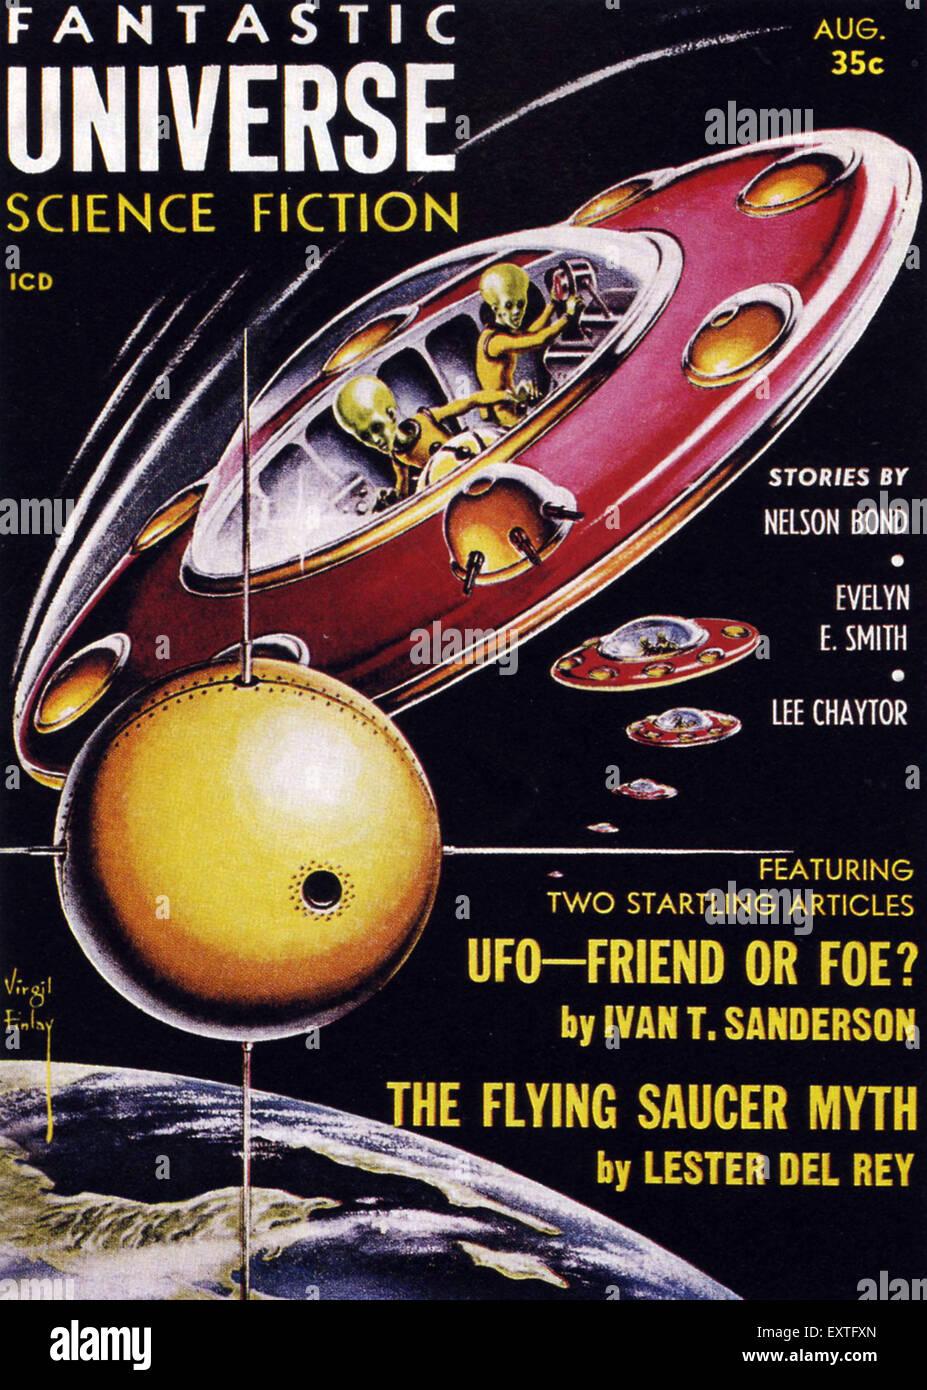 1950 USA univers fantastique couverture de magazine Photo Stock